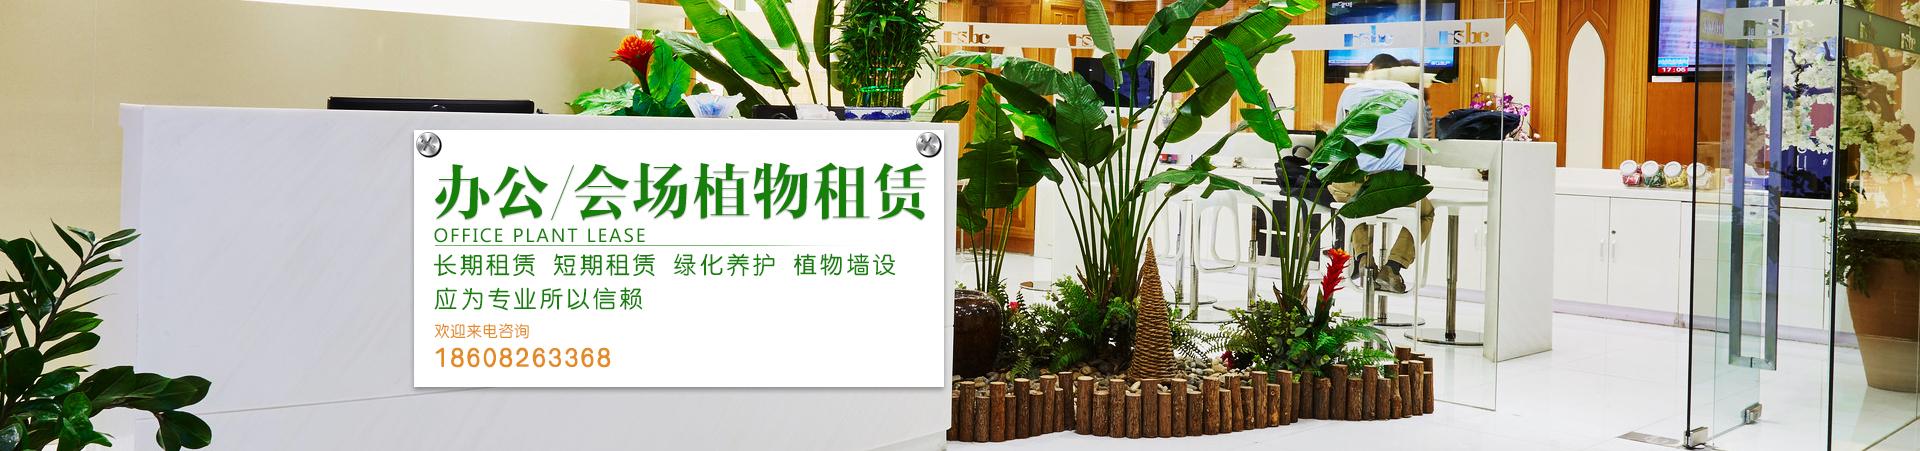 广安植物租摆